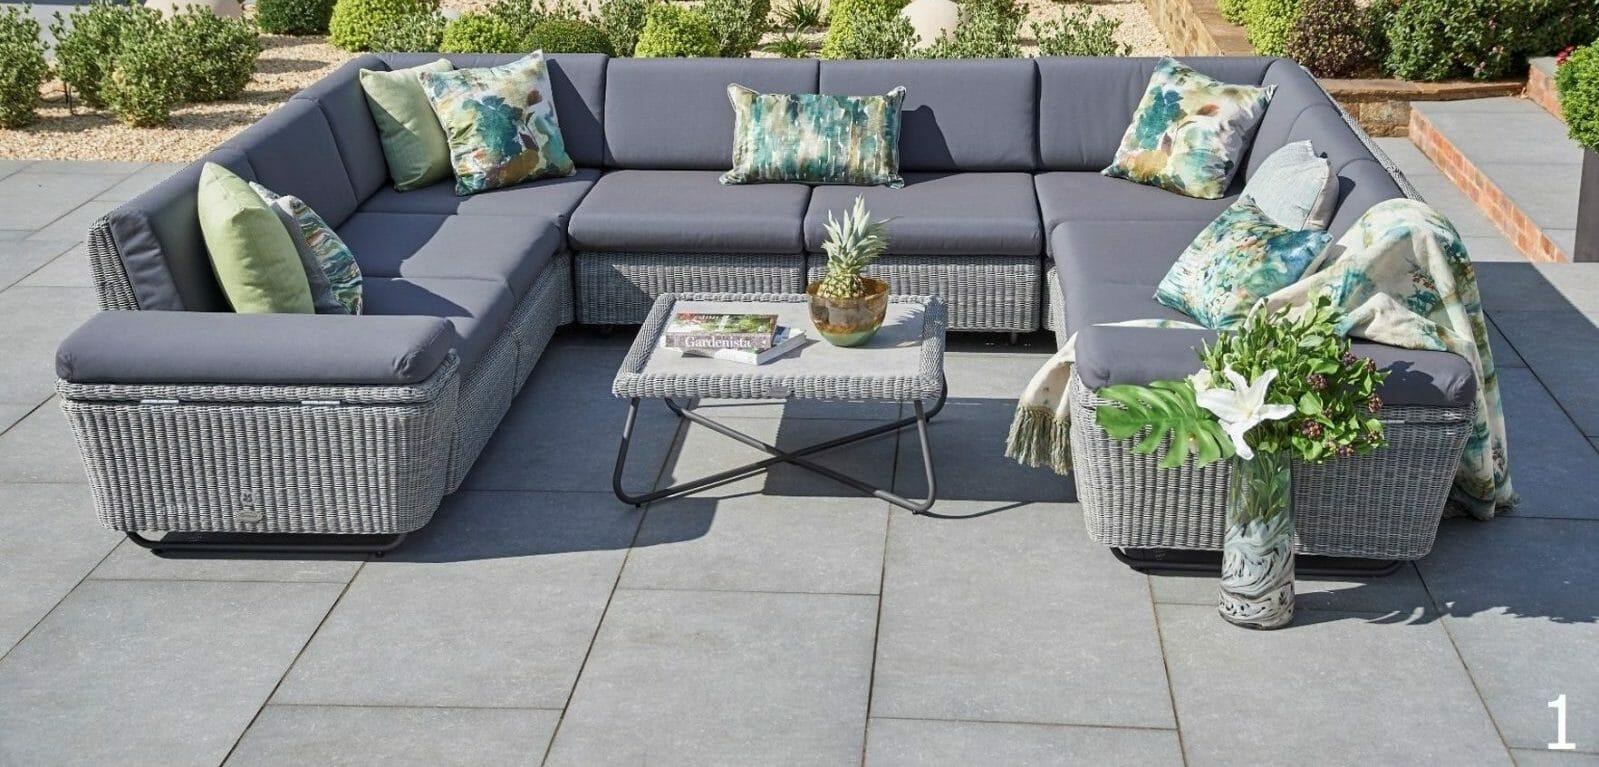 outdoor furniture from Bridgman